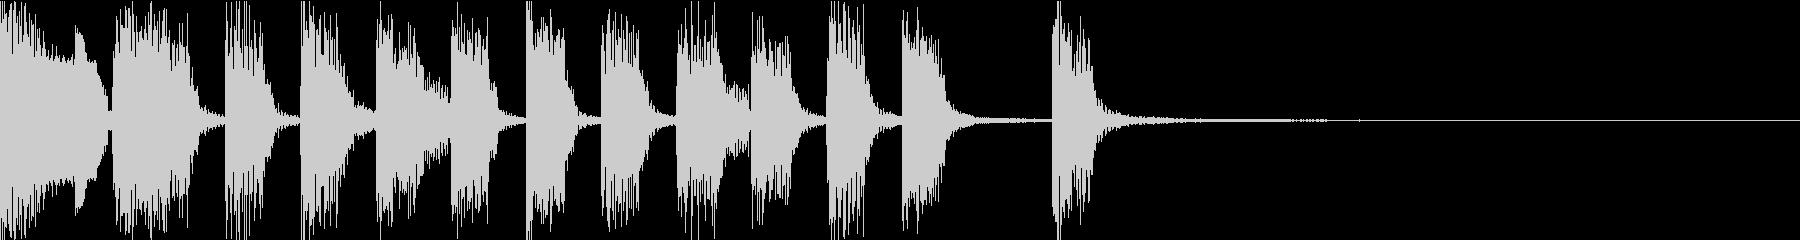 アイキャッチ向けコミカルジングルの未再生の波形